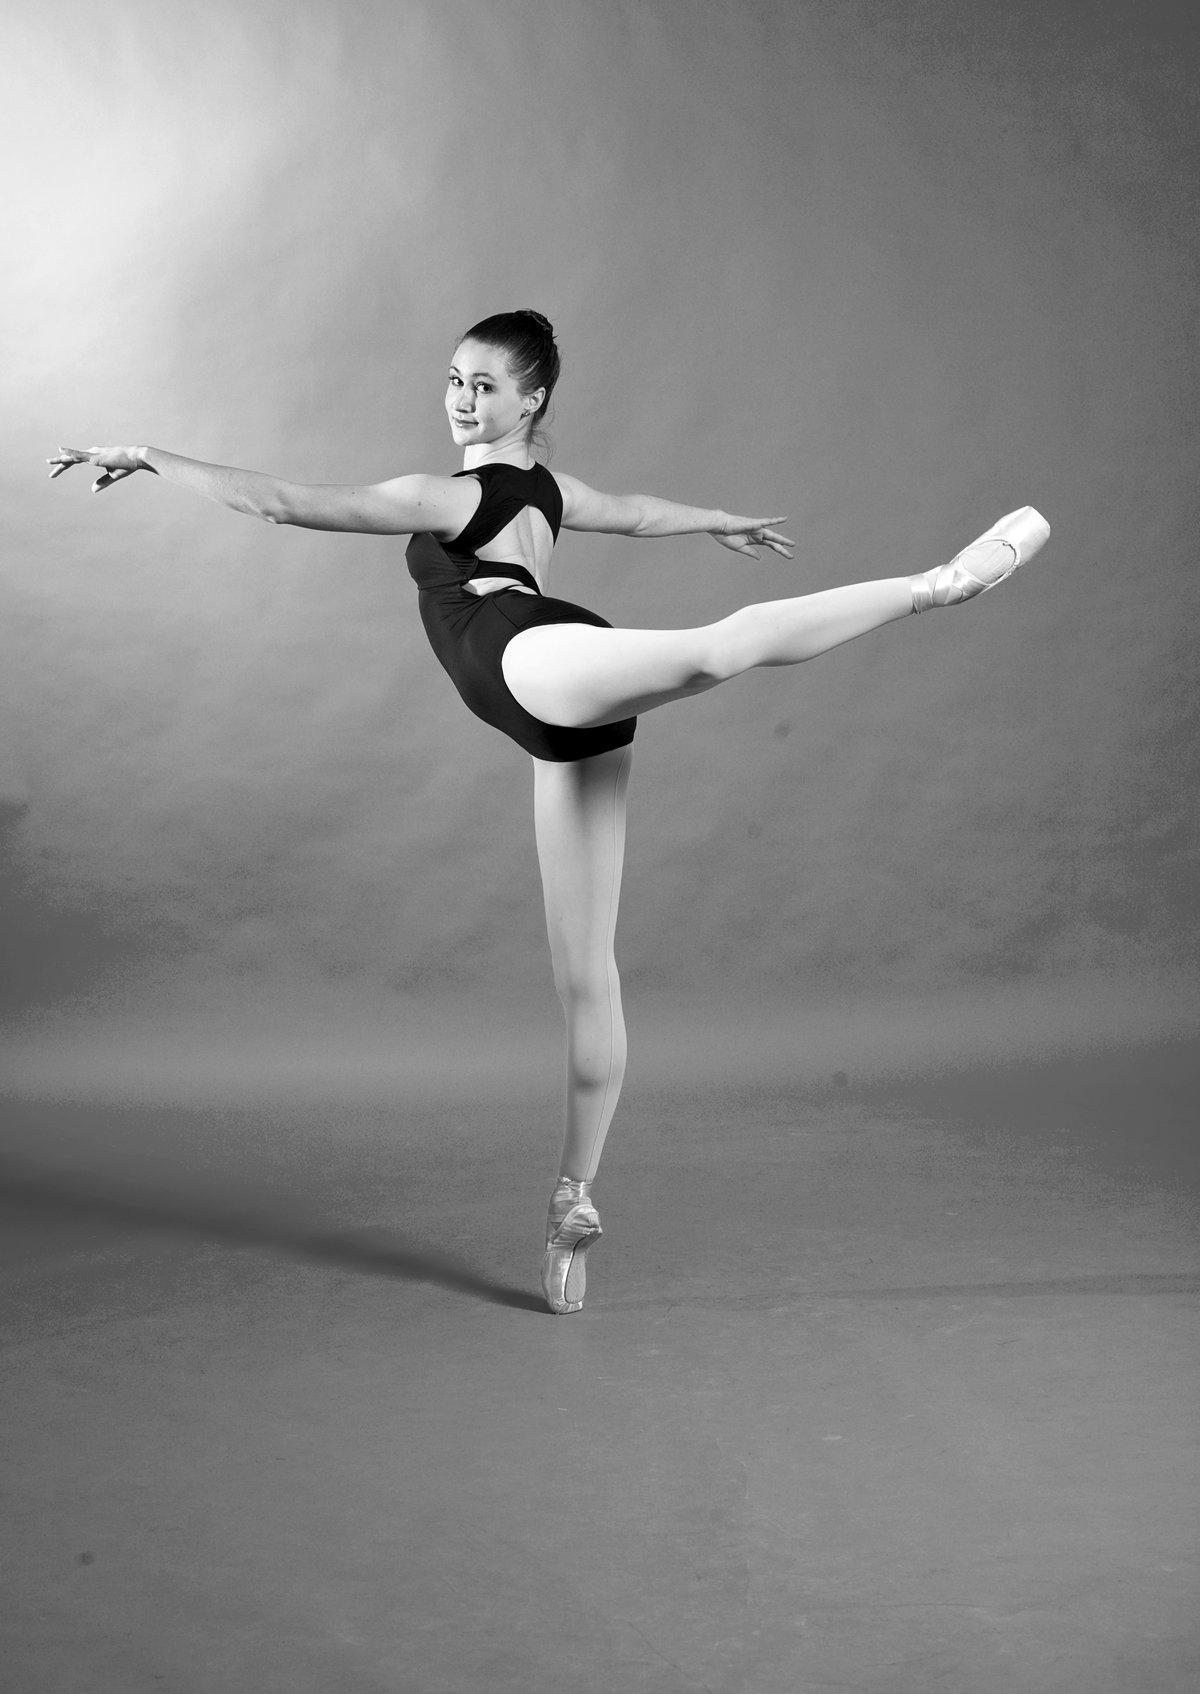 поза балерина фото девушки потаскушки